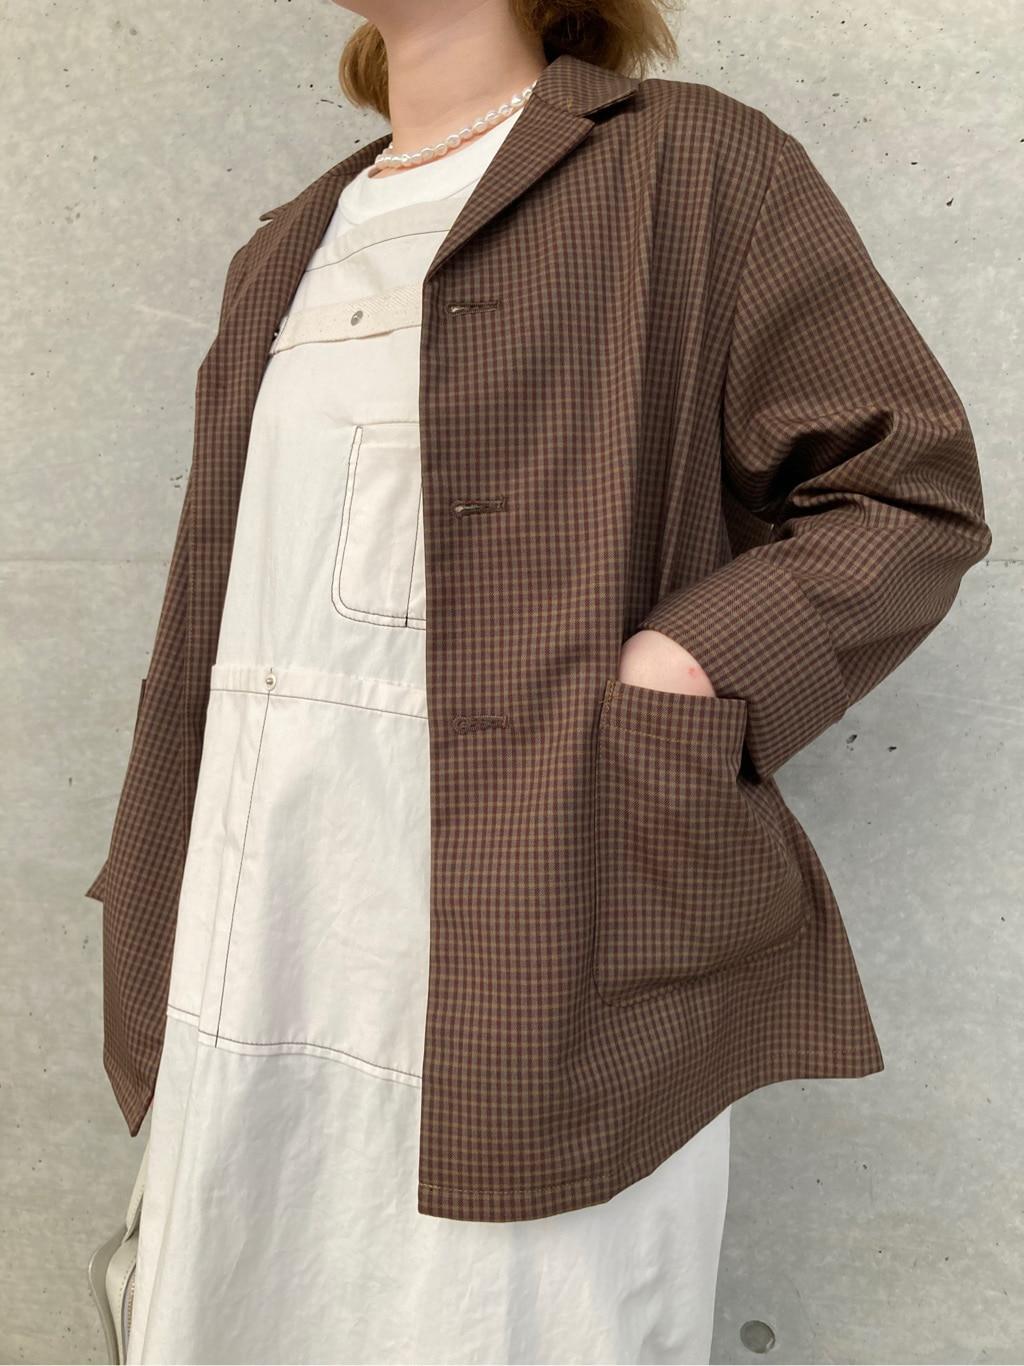 l'atelier du savon 東京スカイツリータウン・ソラマチ 身長:154cm 2020.09.16